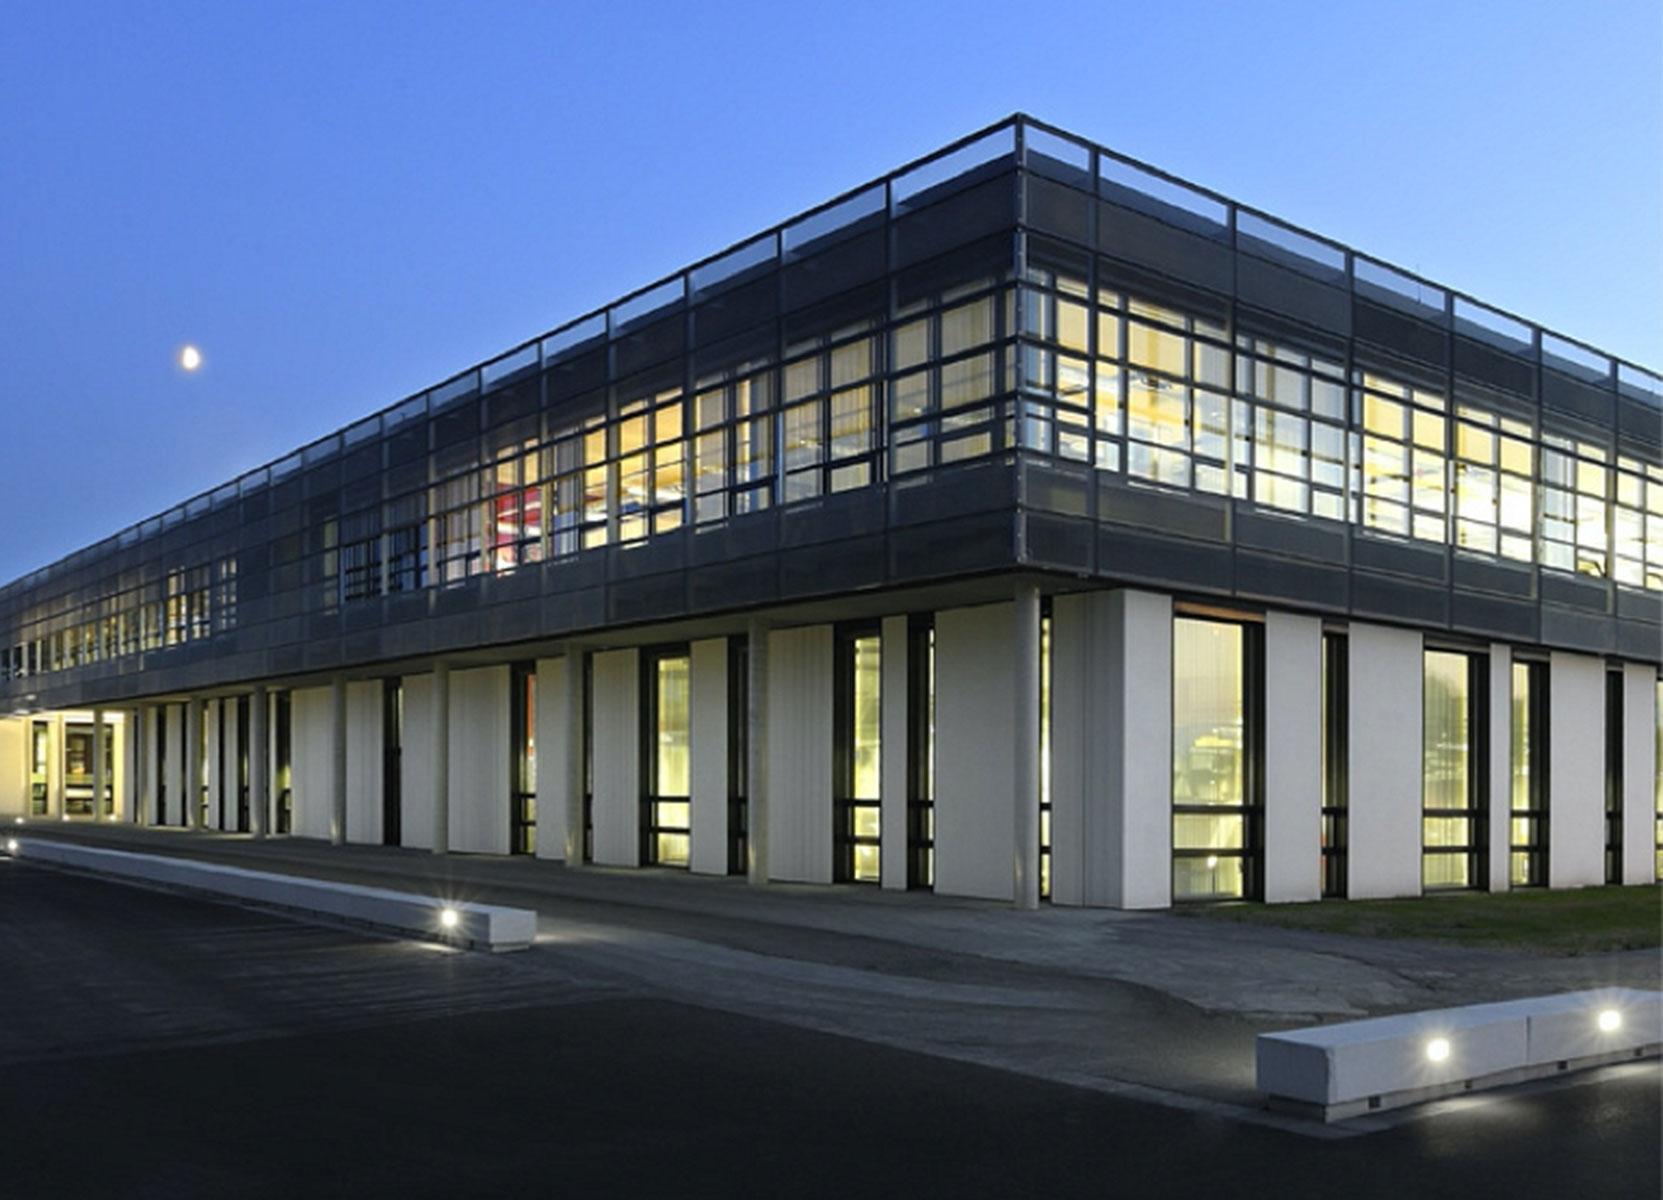 Blick auf modernes Bürogebäude.